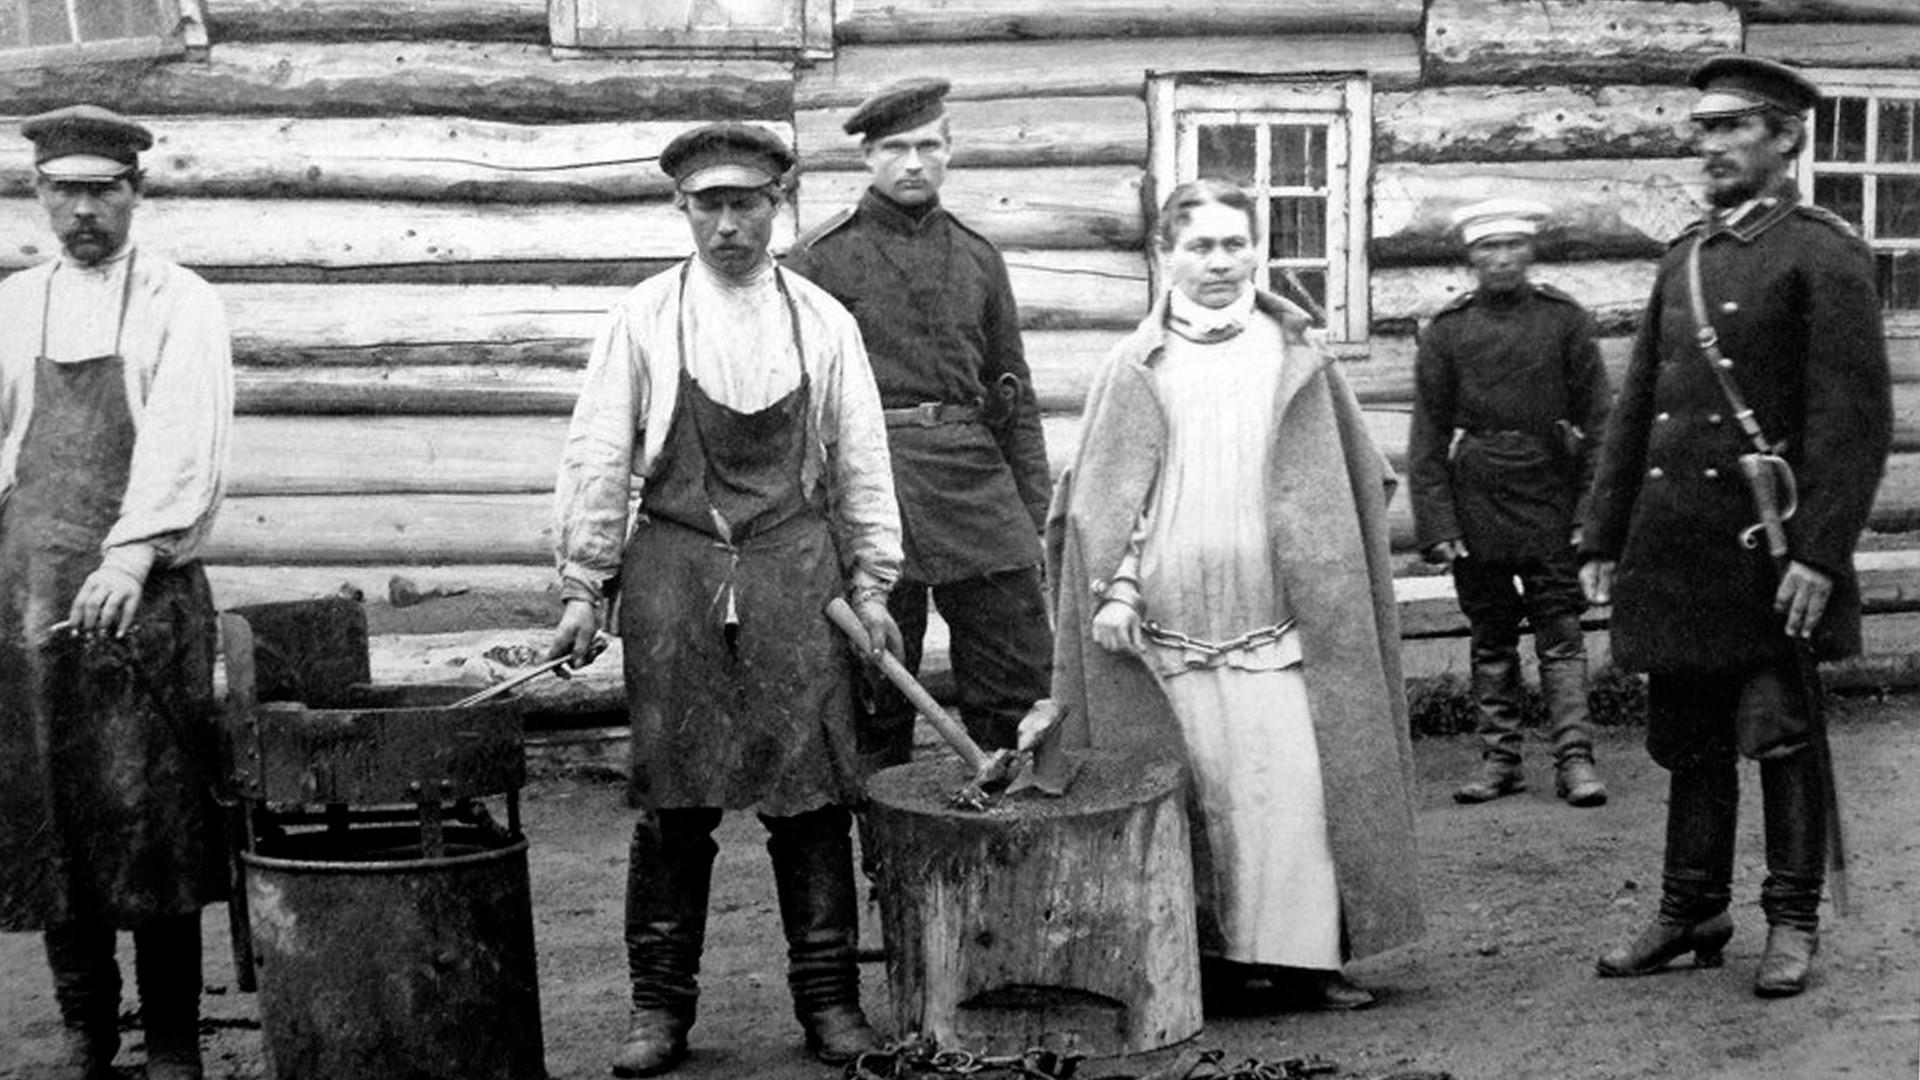 鎖につながれているソニア、1888年